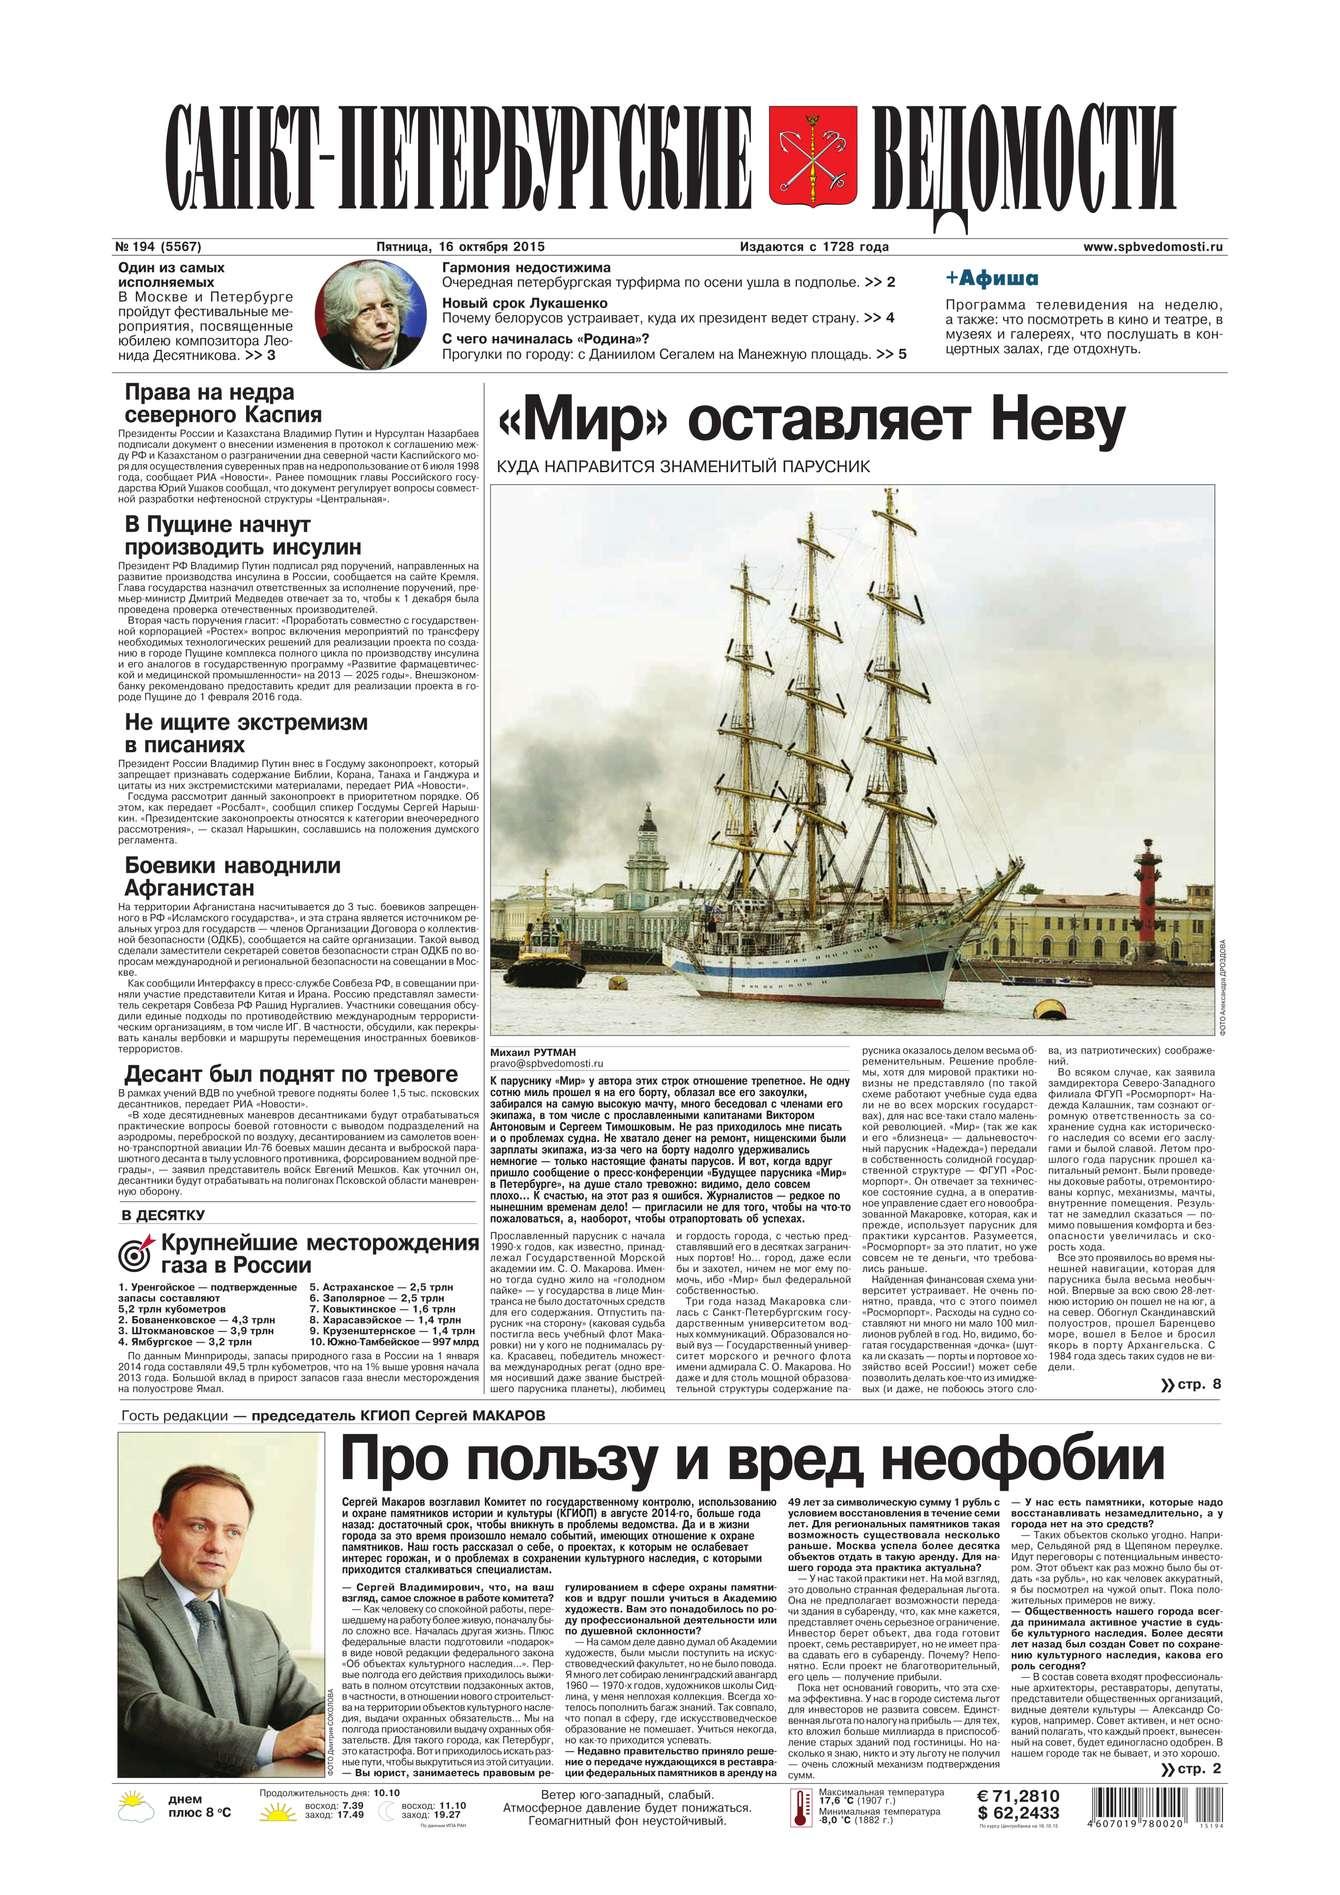 обложка электронной книги Санкт-Петербургские ведомости 194-2015